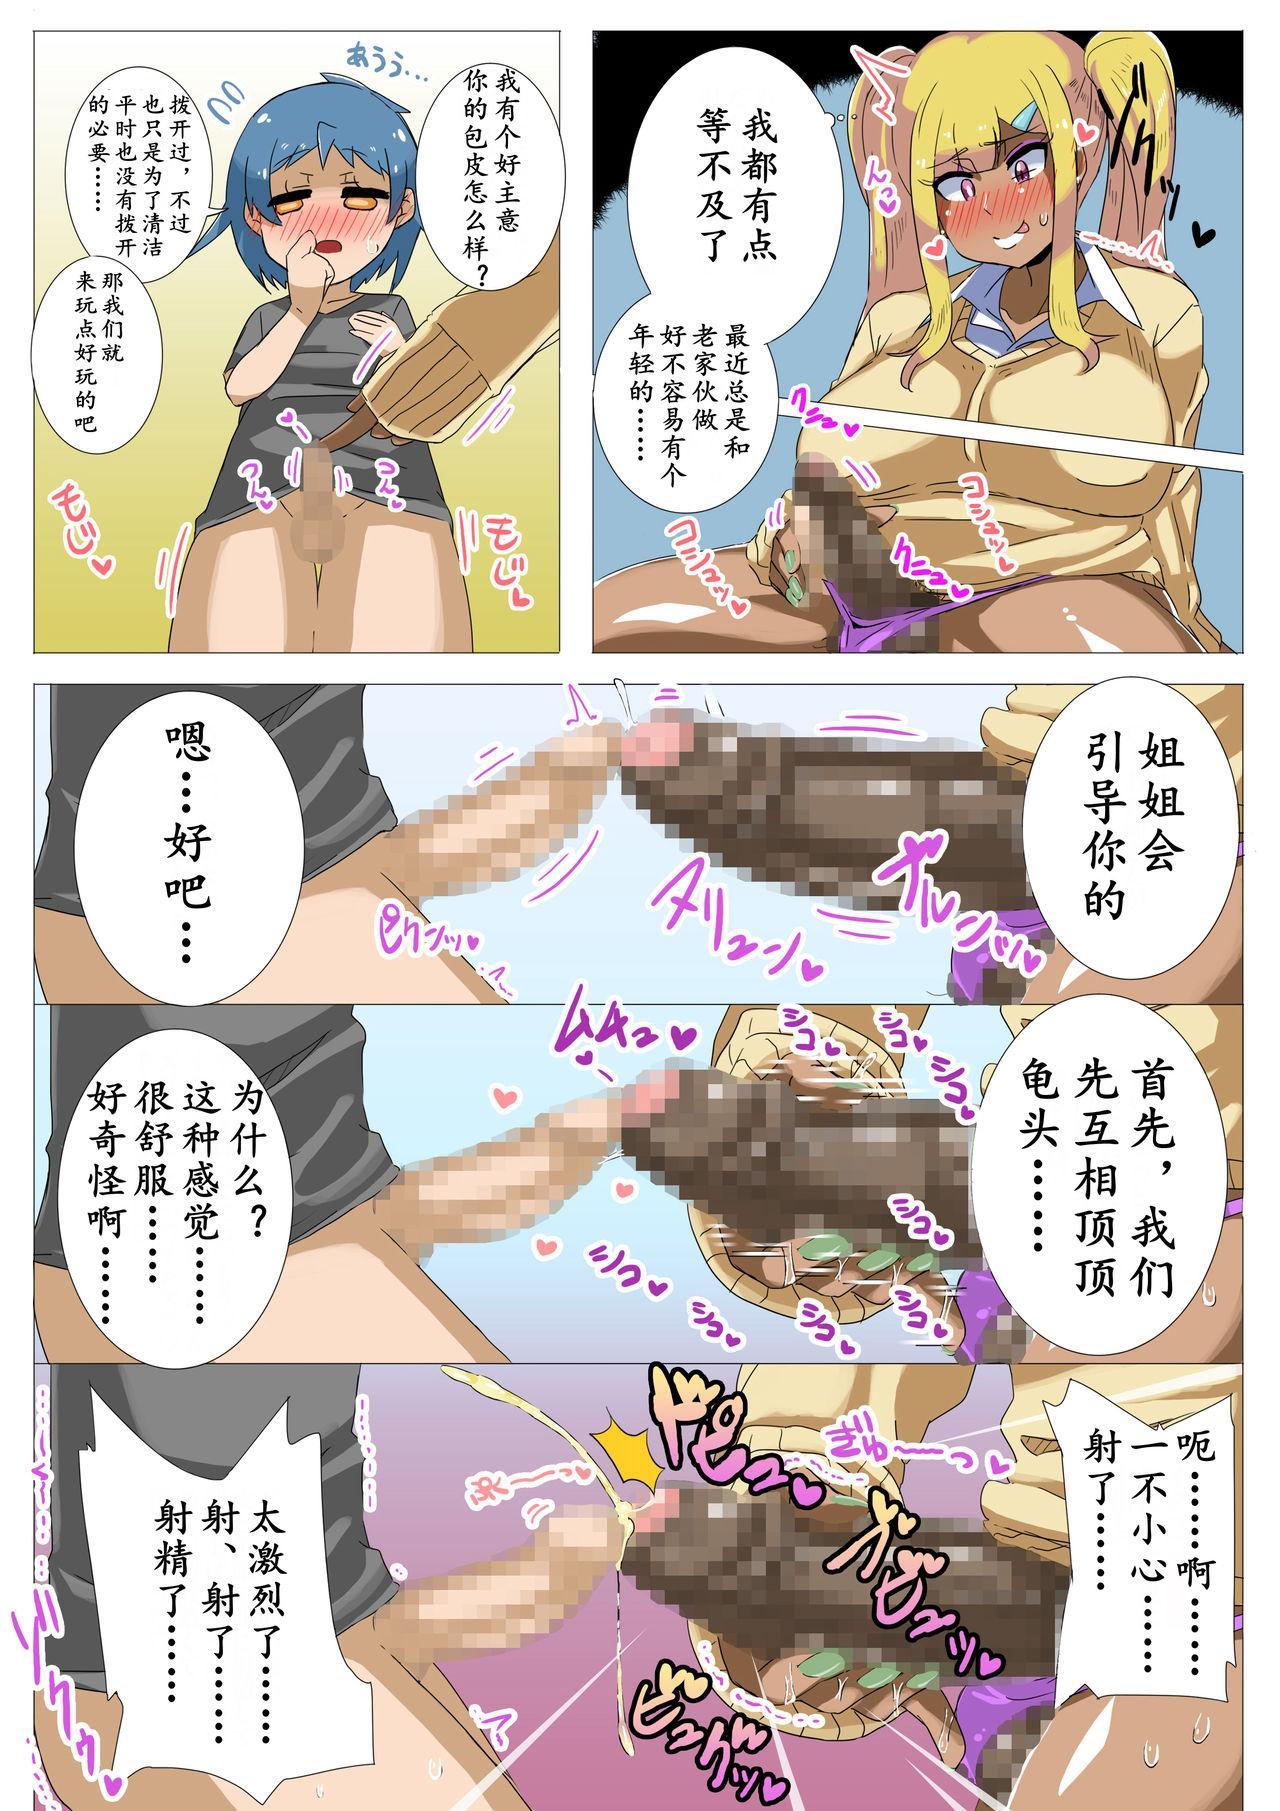 Shota ga Bitch na Onee-san to Futari de Ikinuki Shichau Hanashi. | 小正太和男姐姐彼此相连 6